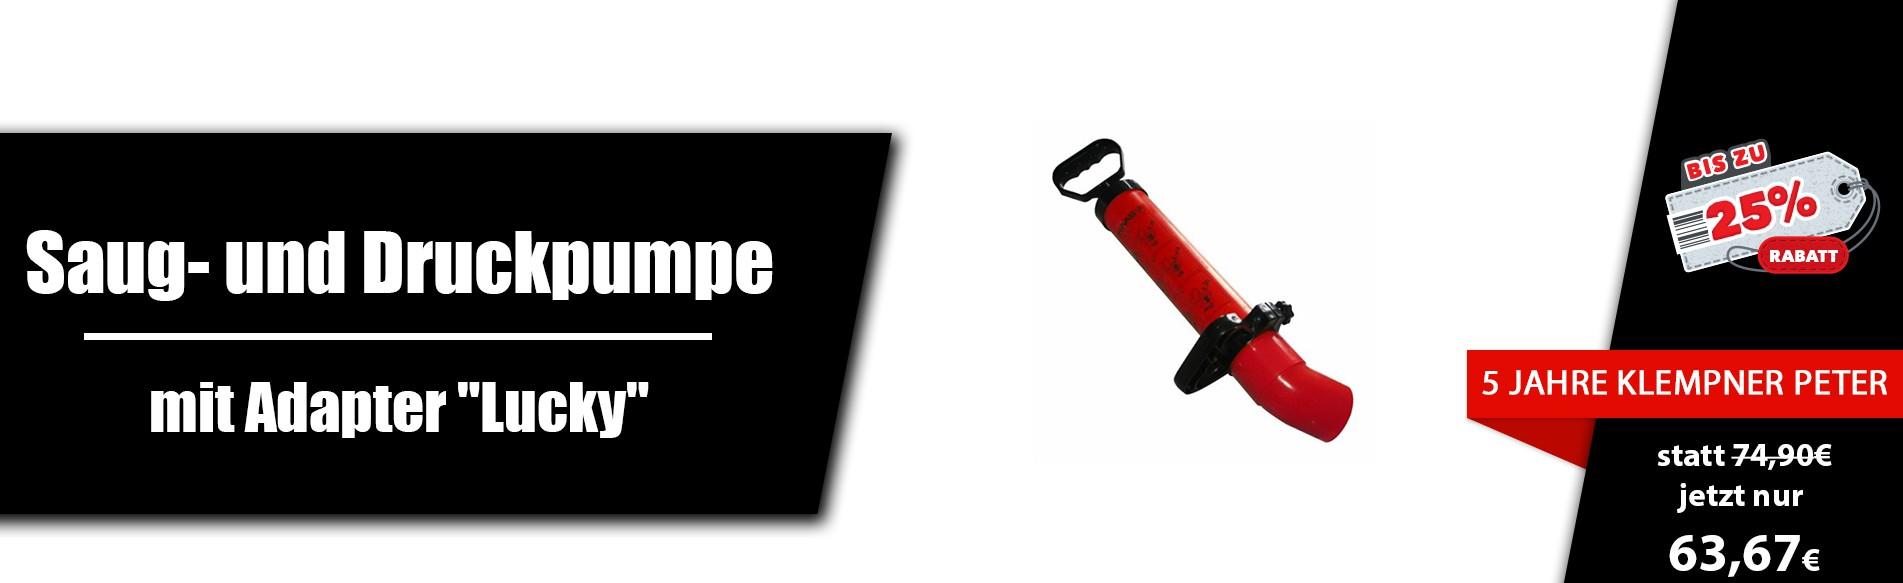 Saug- und Druckpumpe mit Adapter